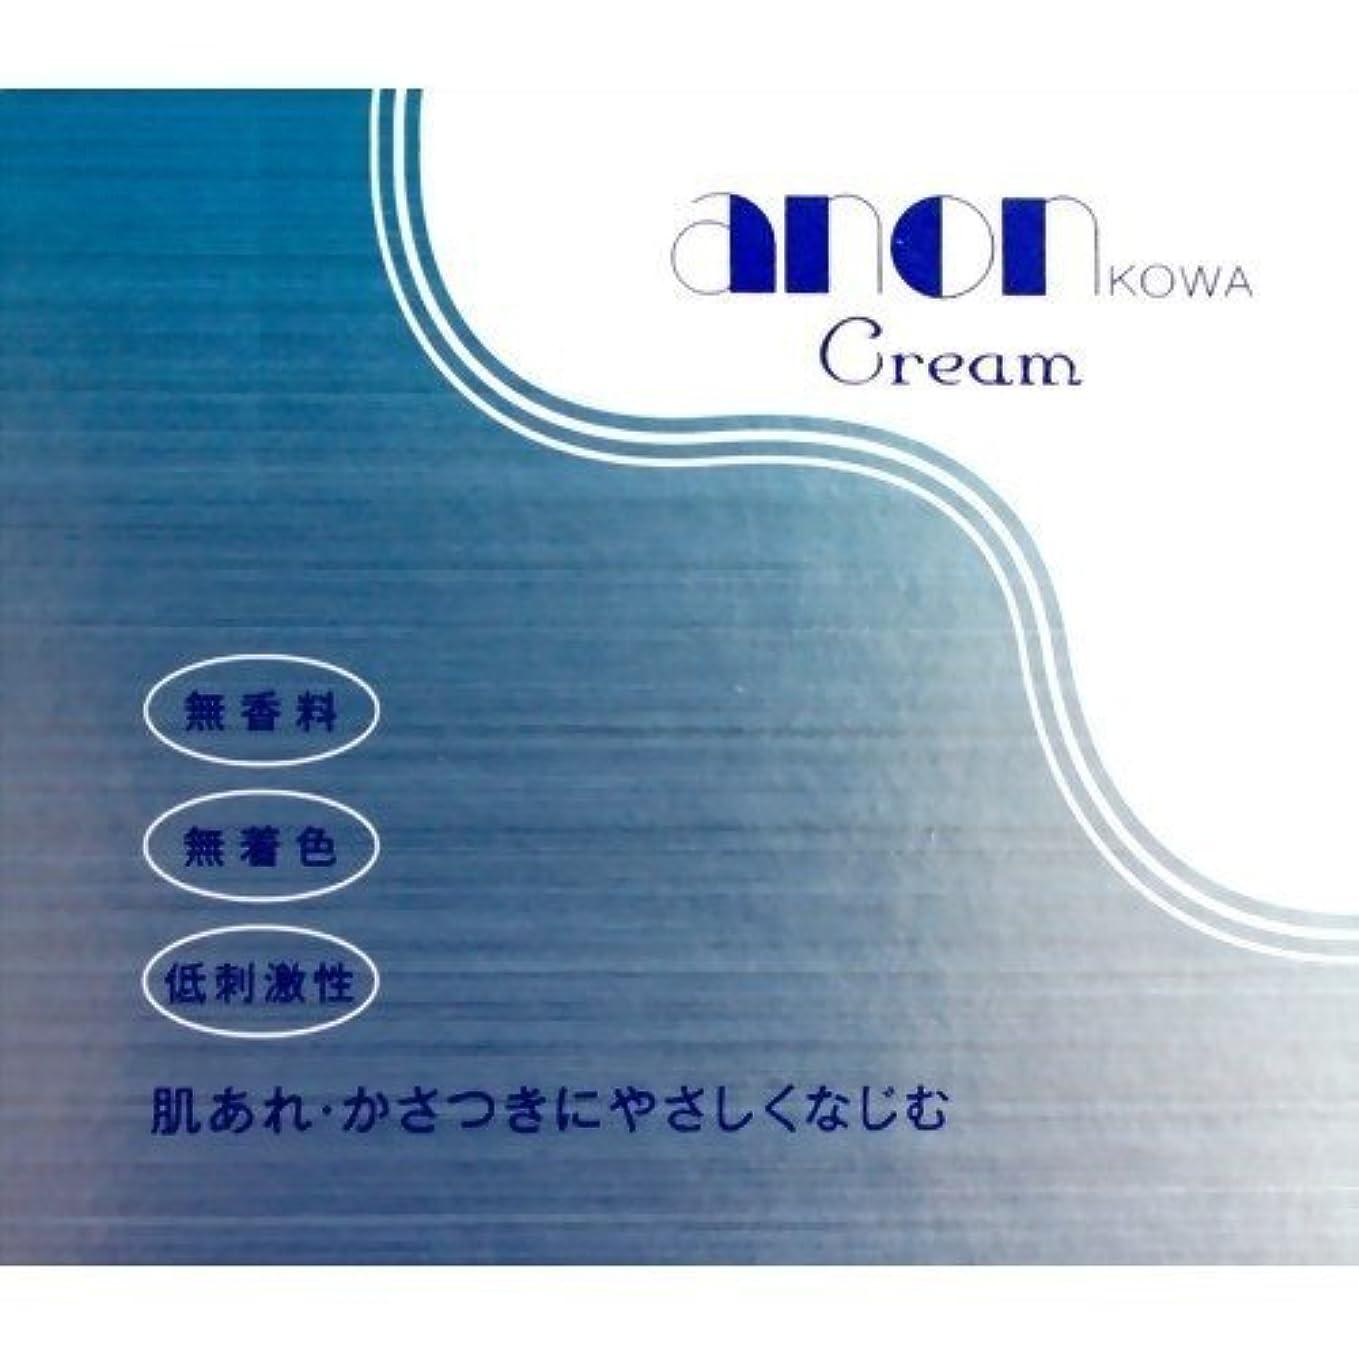 毛布早熟面白い興和新薬 アノンコーワクリーム(160g)×2